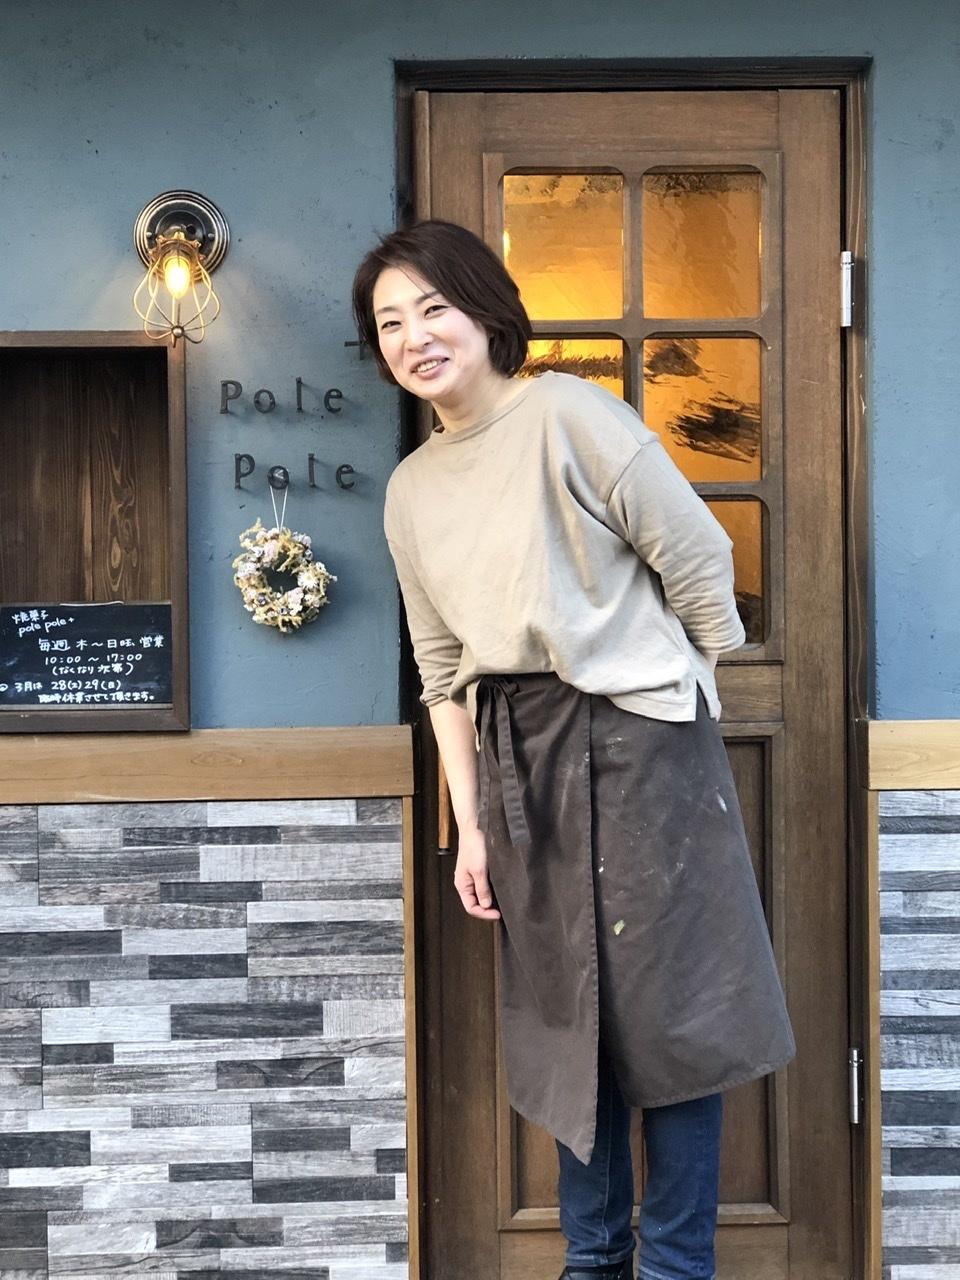 polepole+オープンおめでとう♡3月8日(日)open@三宿_a0157409_23014745.jpeg